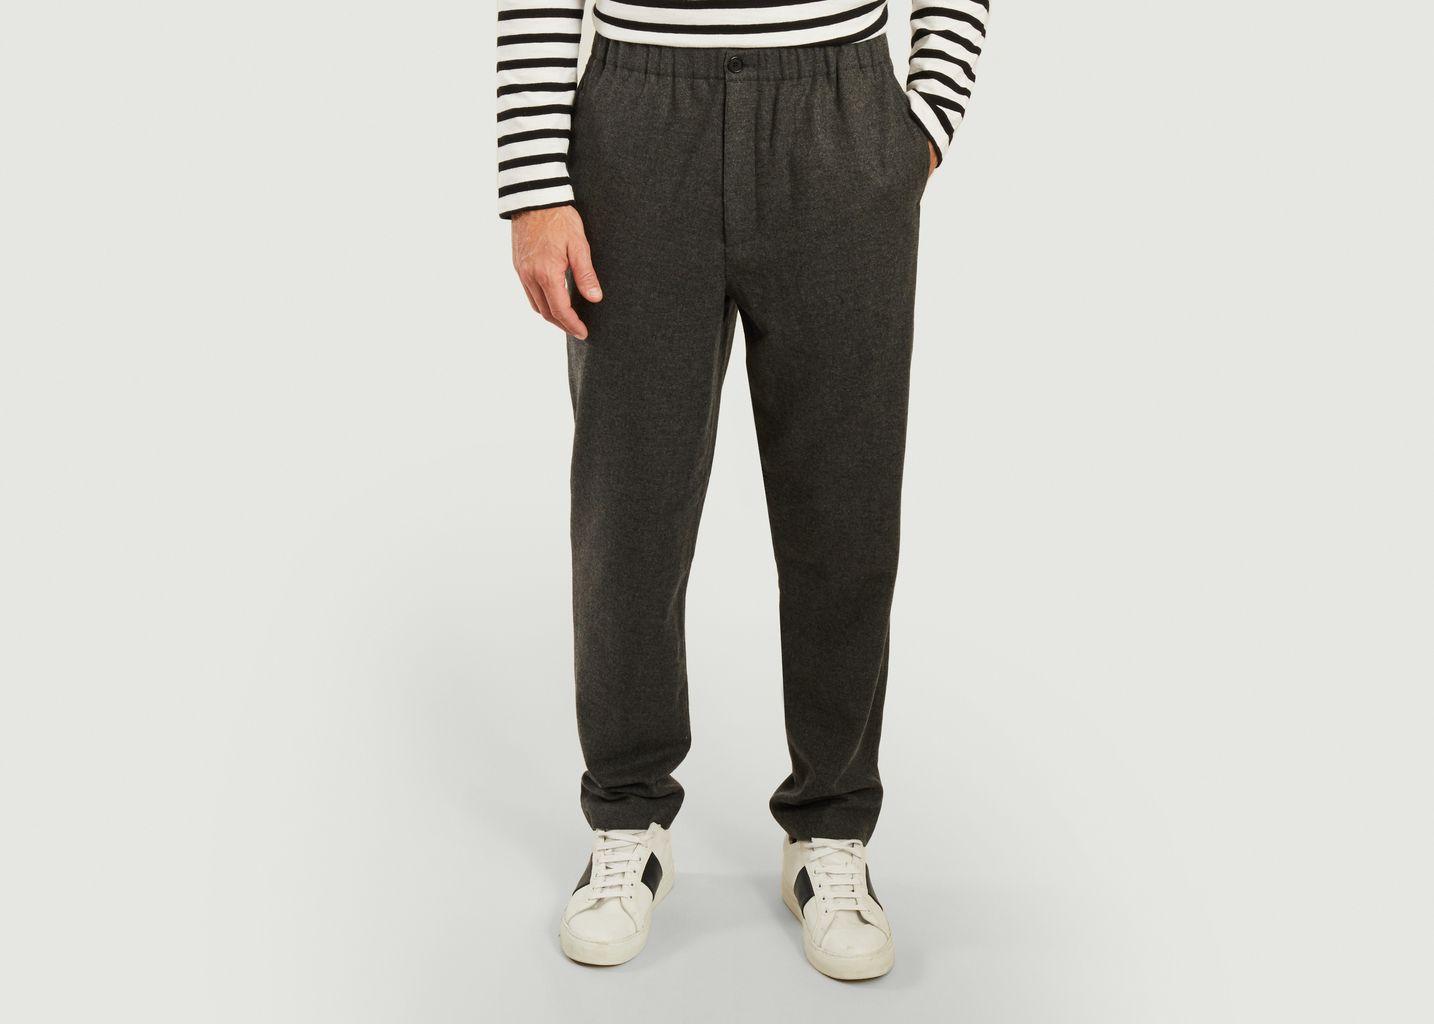 Pantalon de jogging en laine - Kenzo